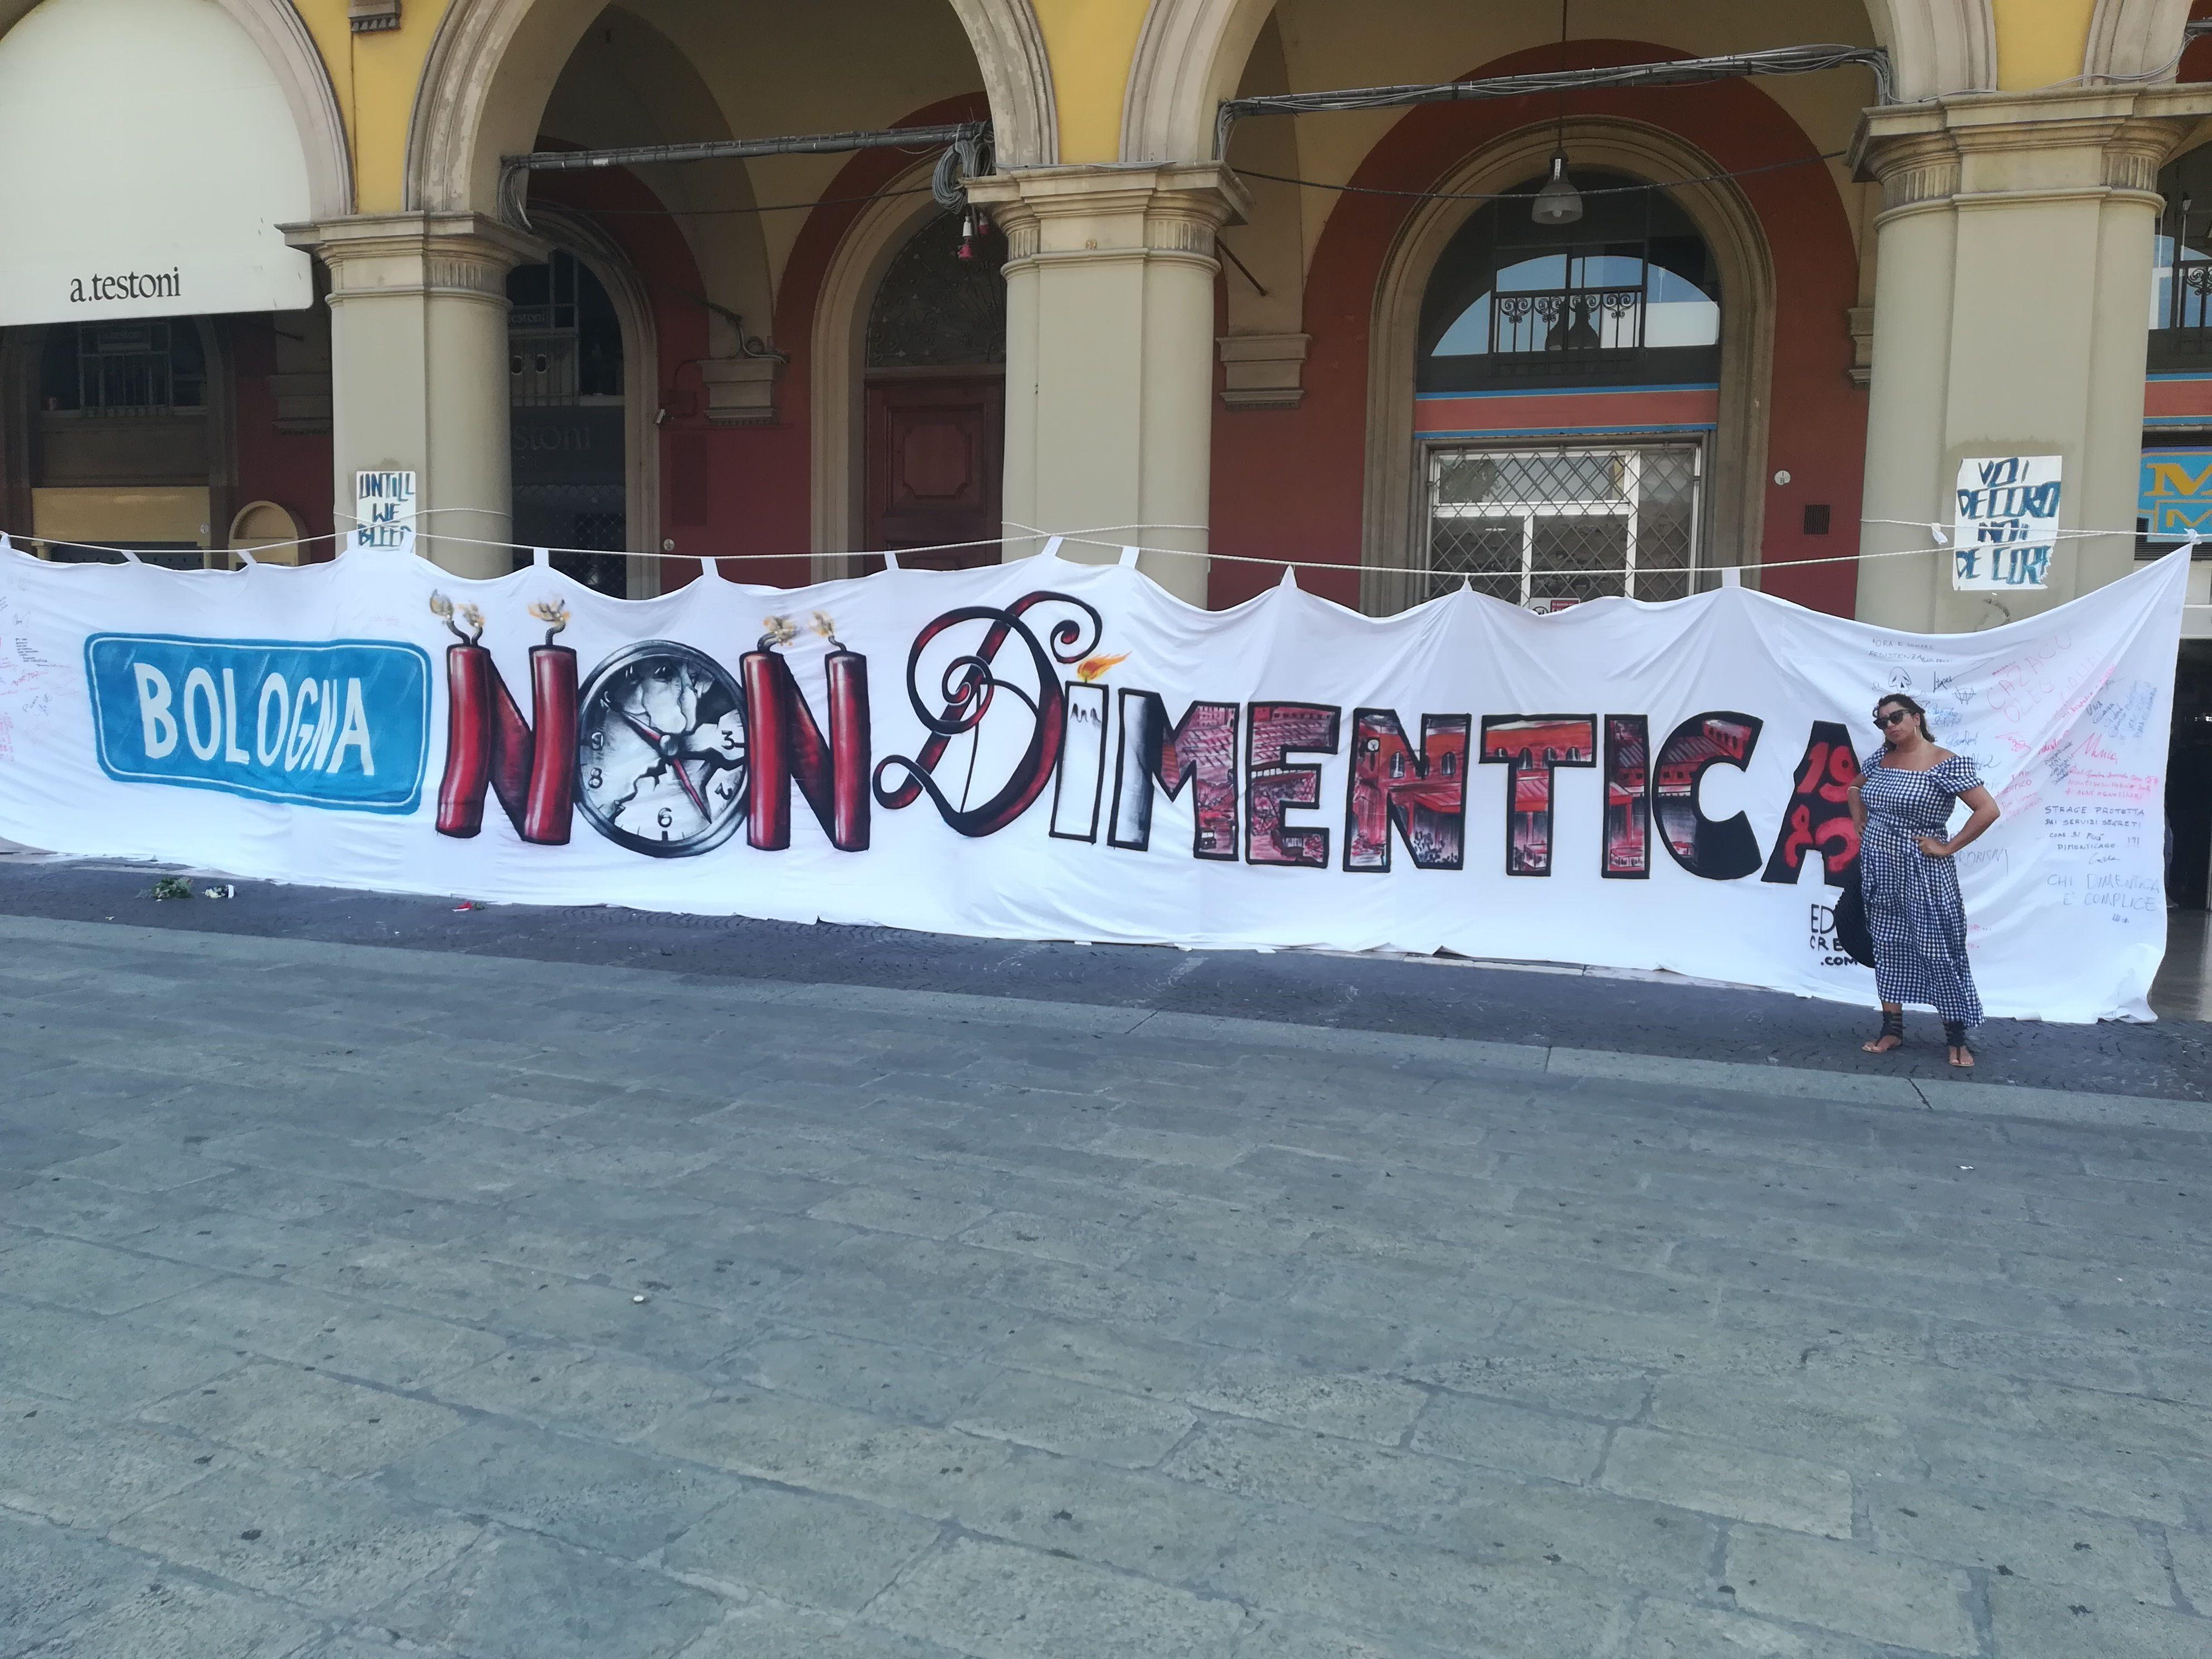 La Strage di Bologna raccontata ai giovani d'oggi- di Annalisa Capaldo